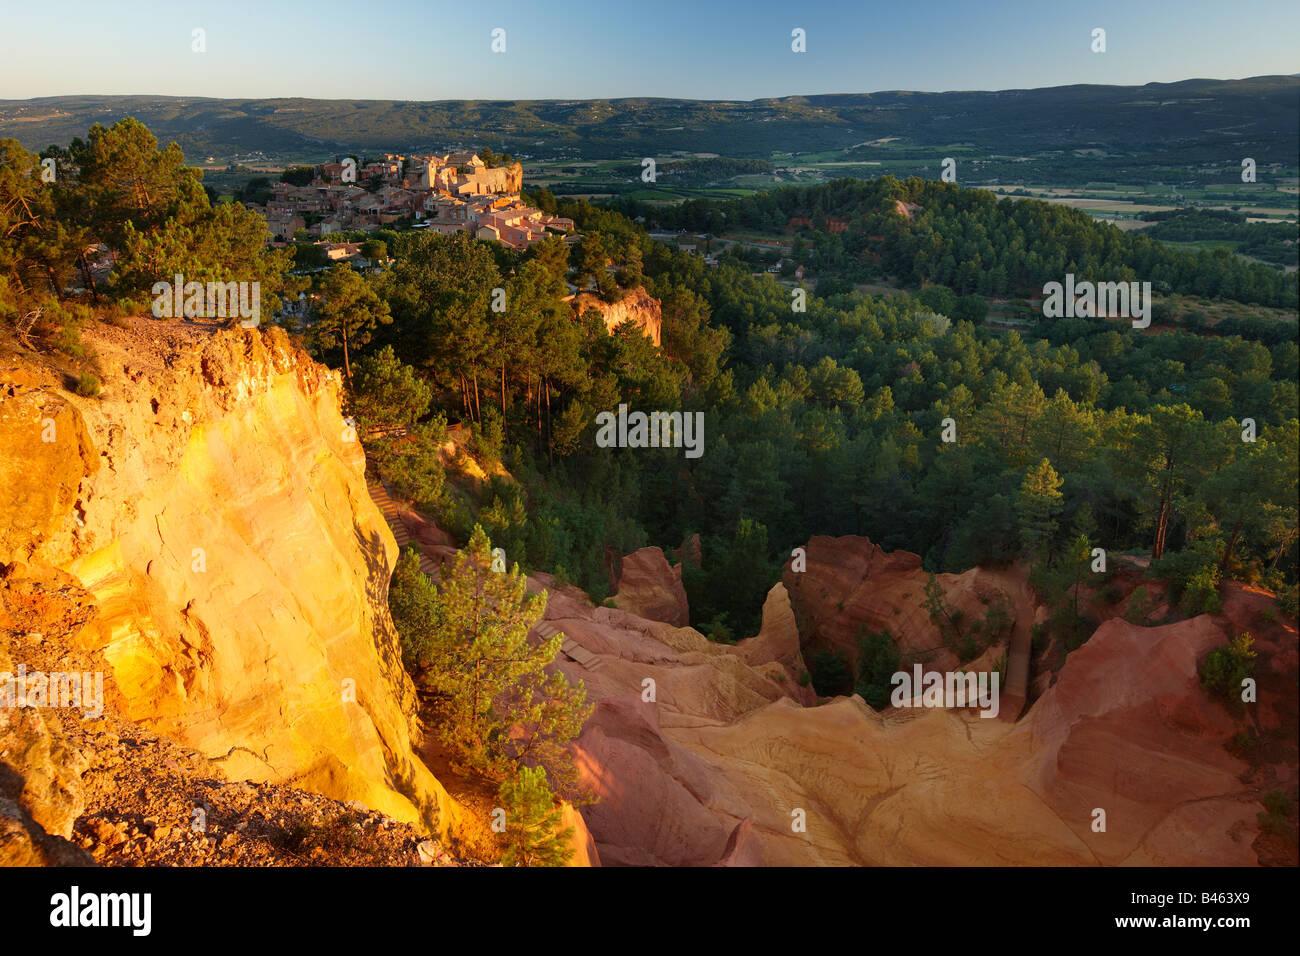 Rousillon et le Sentier des Ocres, le Vaucluse, Provence, France Photo Stock